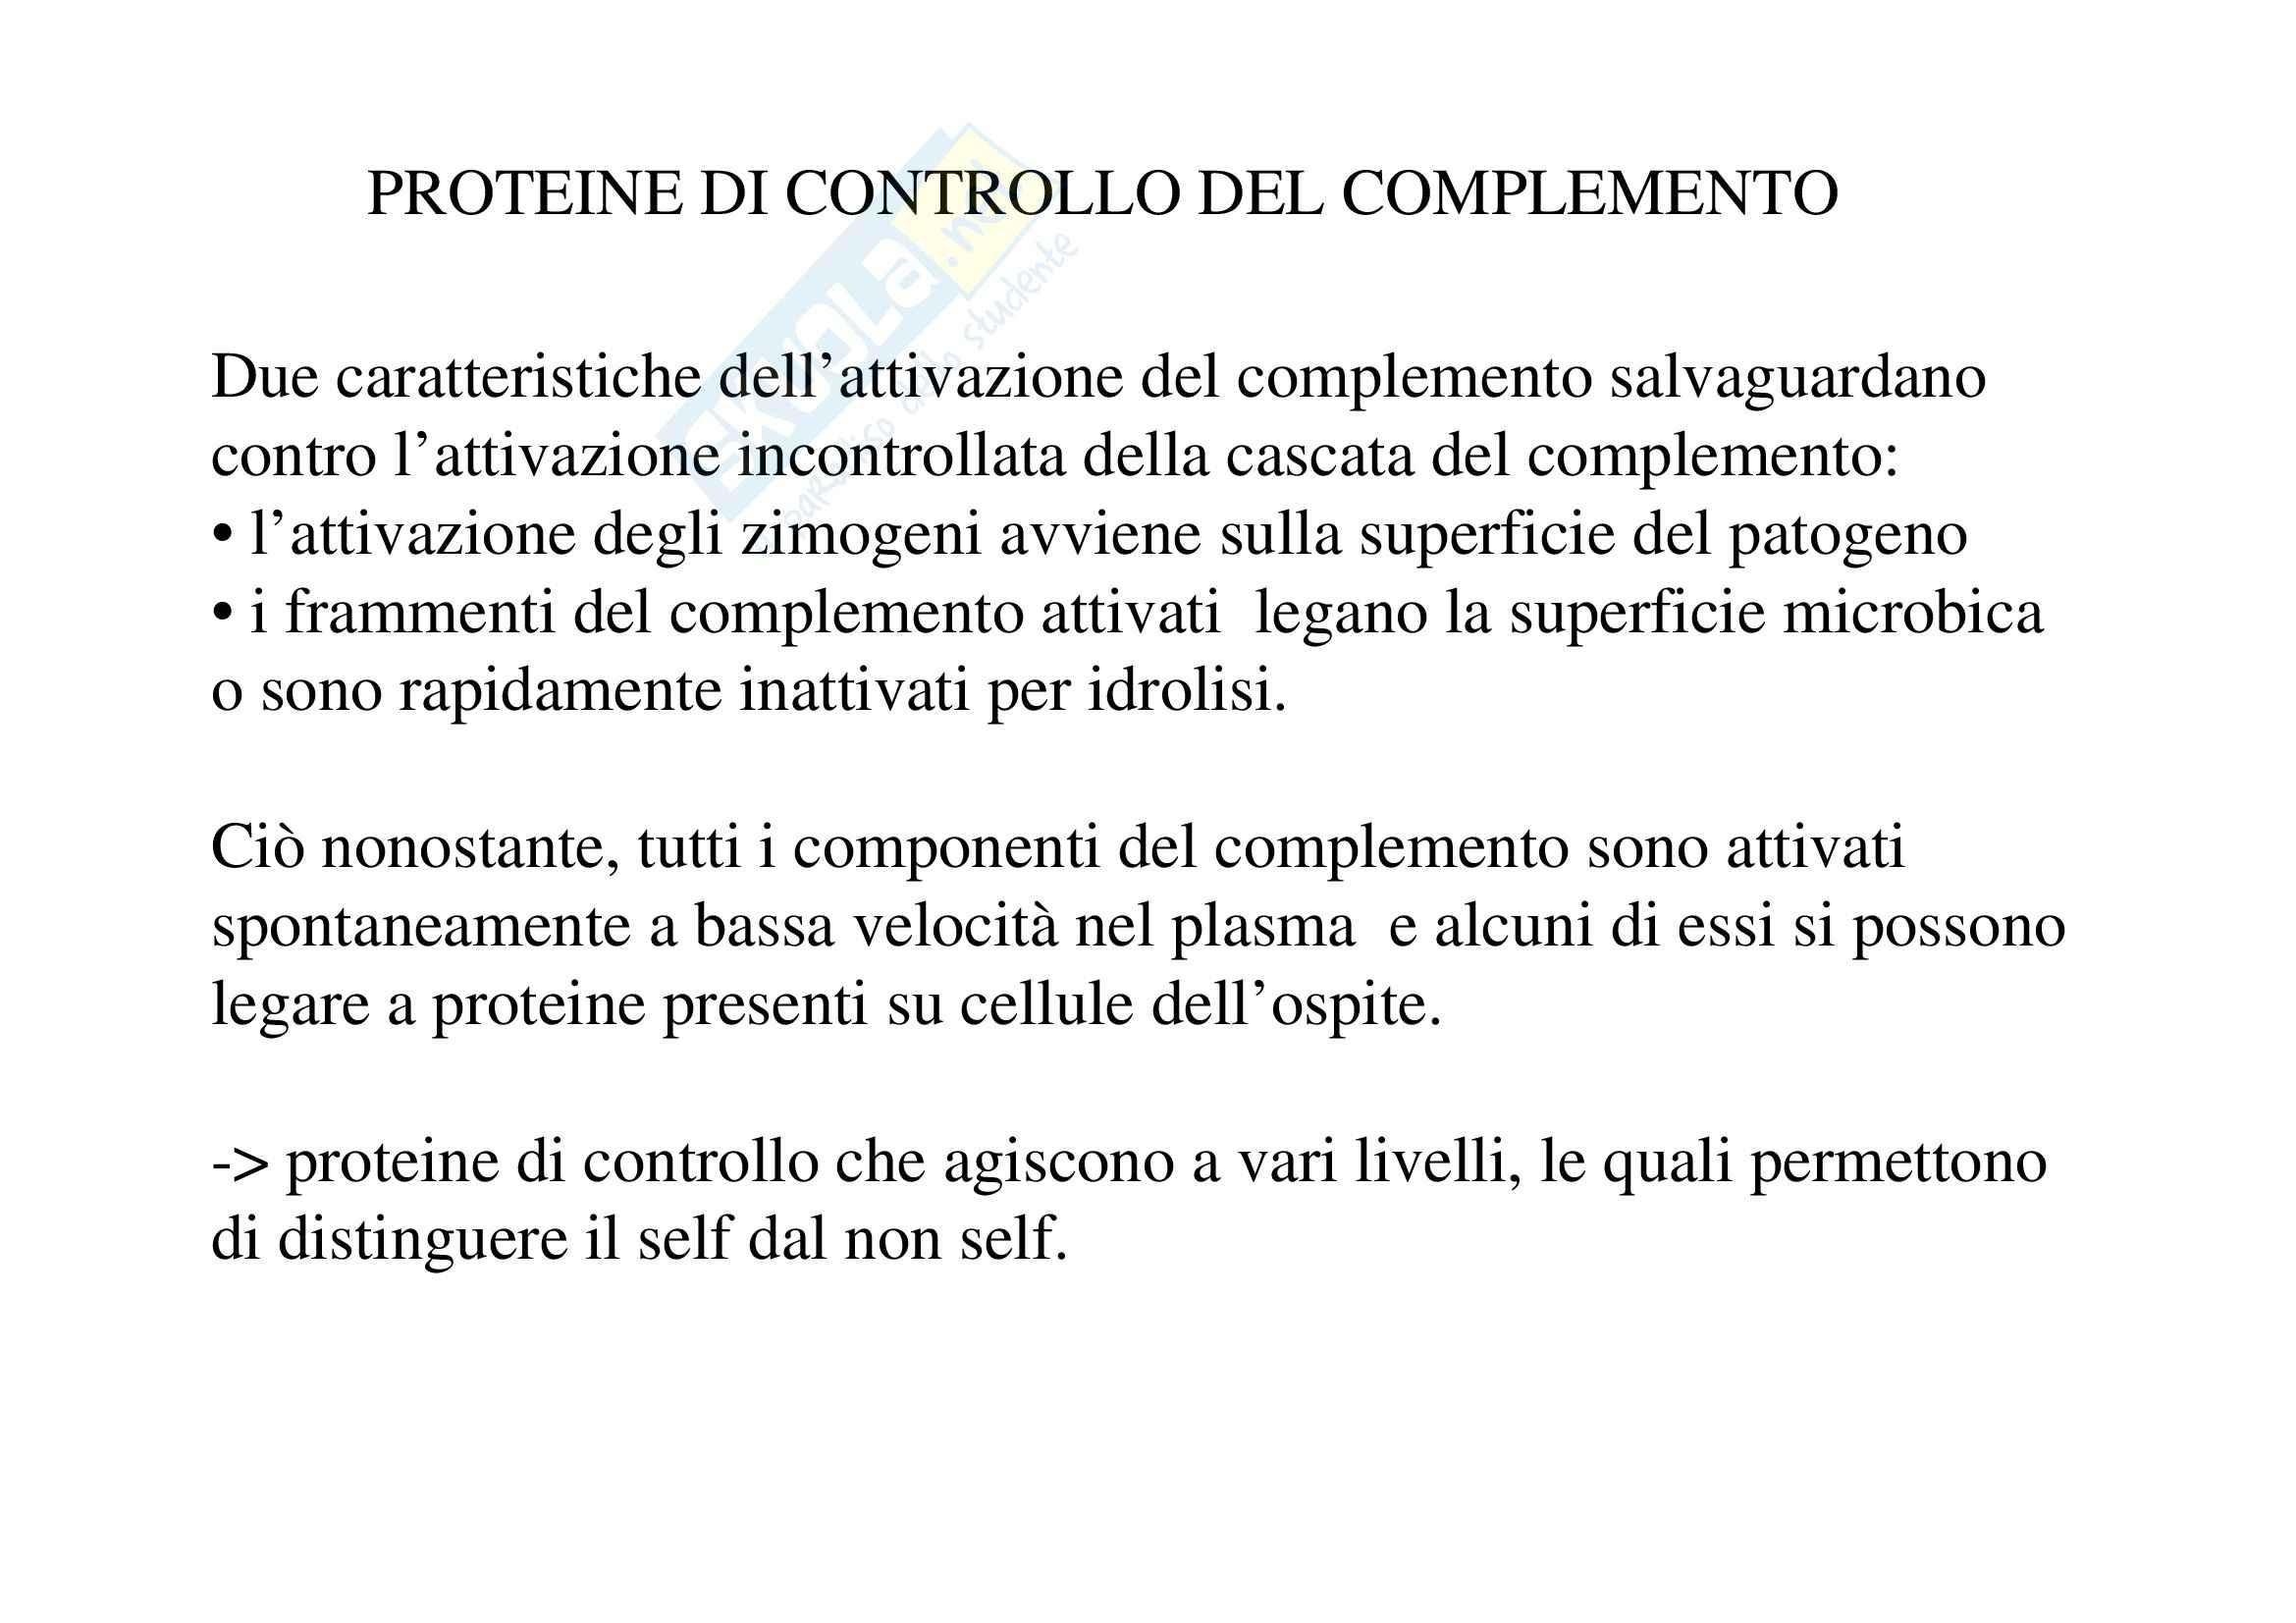 Immunologia - proteine di controllo del complemento